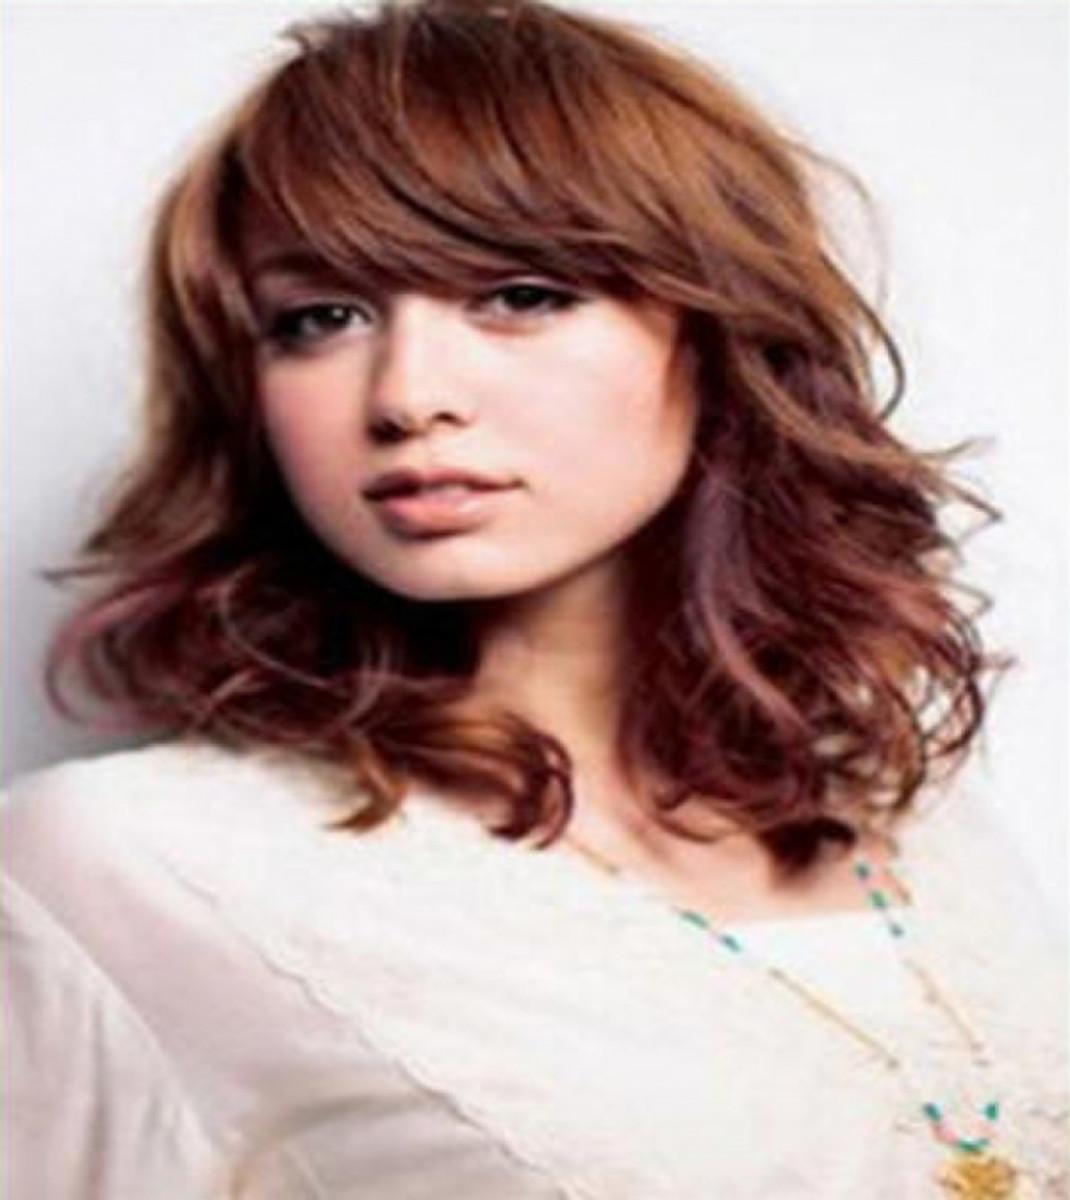 Shoulder length golden brown hair